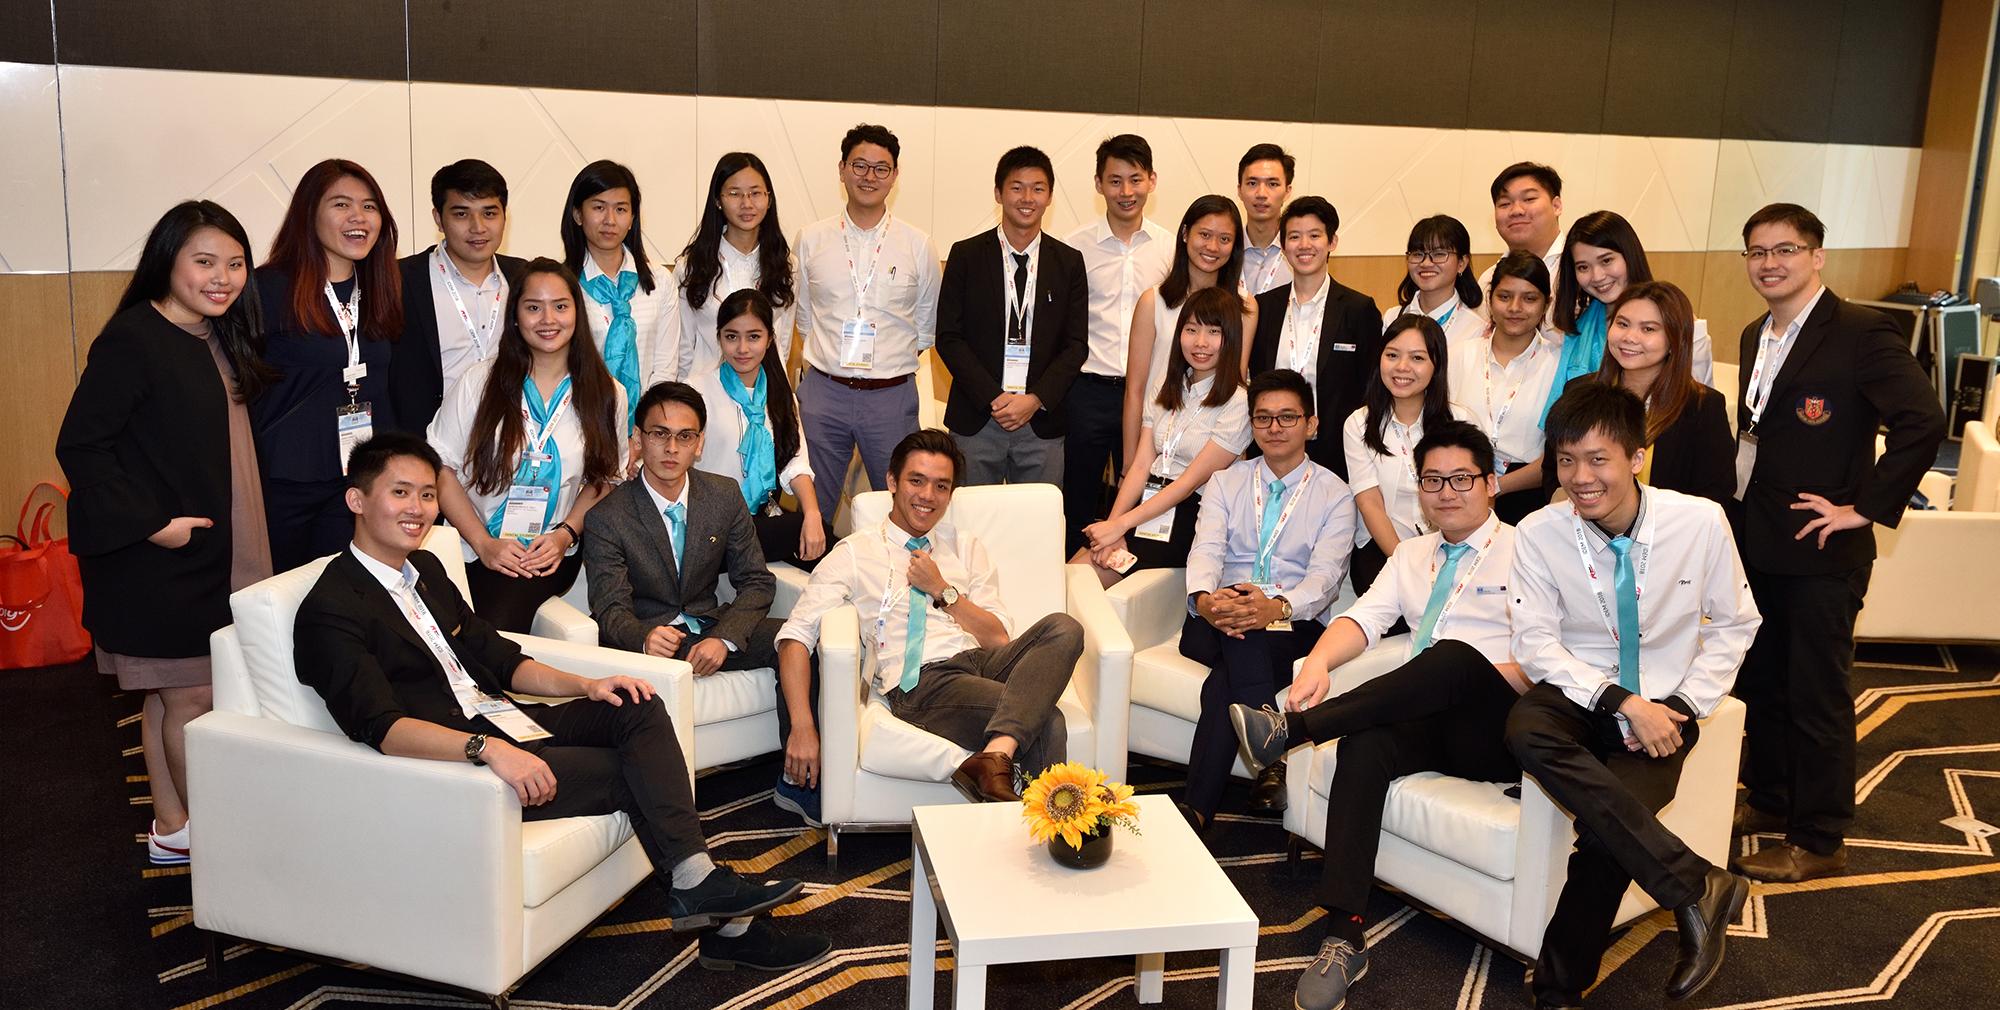 IDEM APDSA 2018 - IDEM-APDSA Student Leader Programme